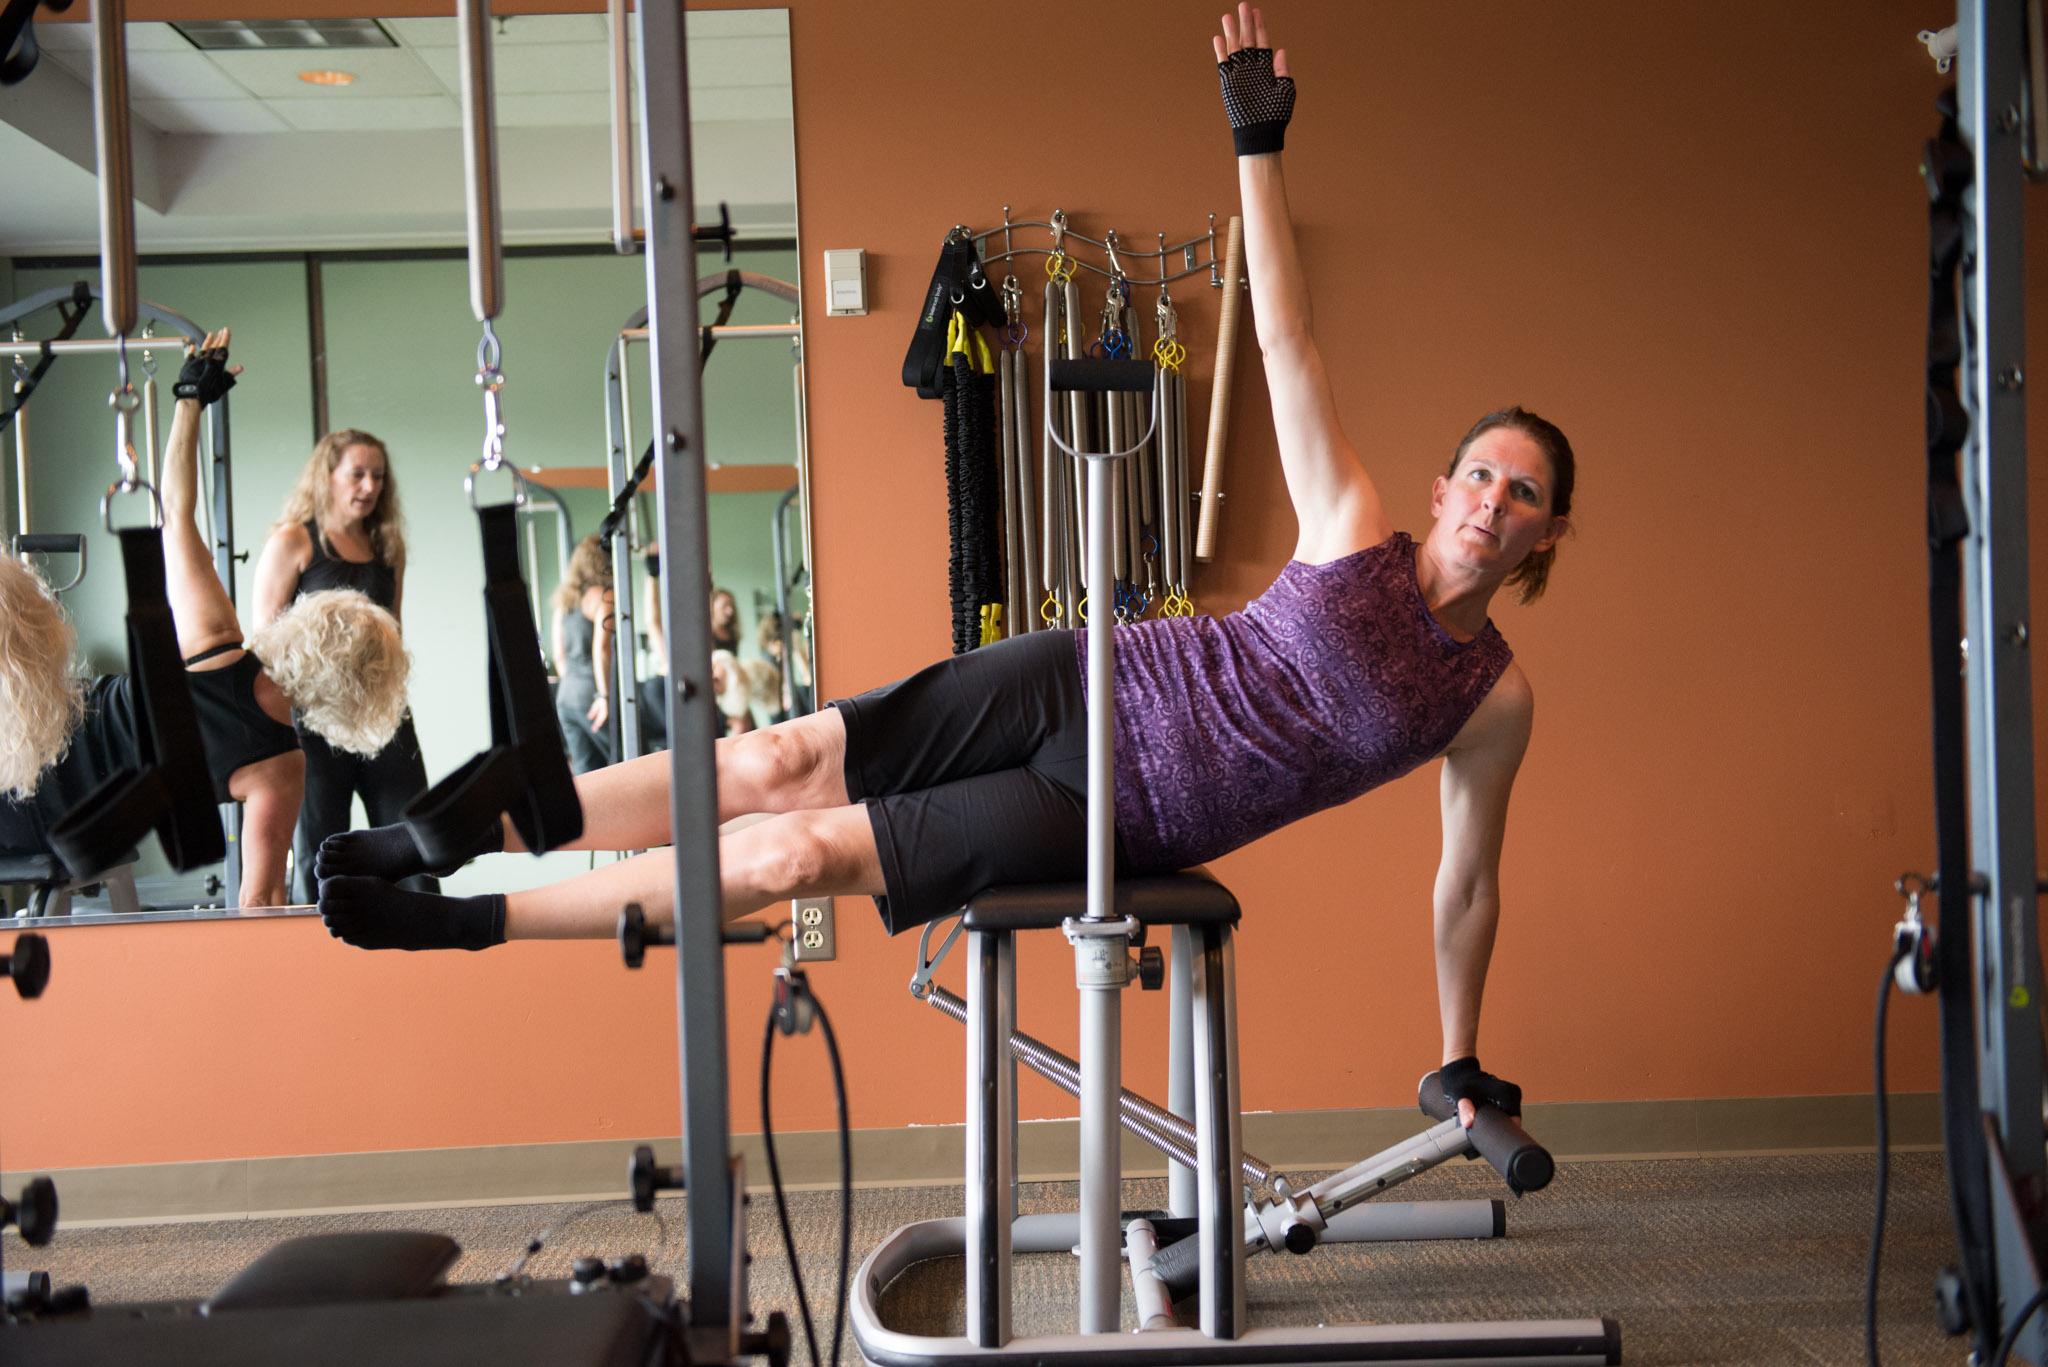 Wellness Center Stock Photos-1459.jpg